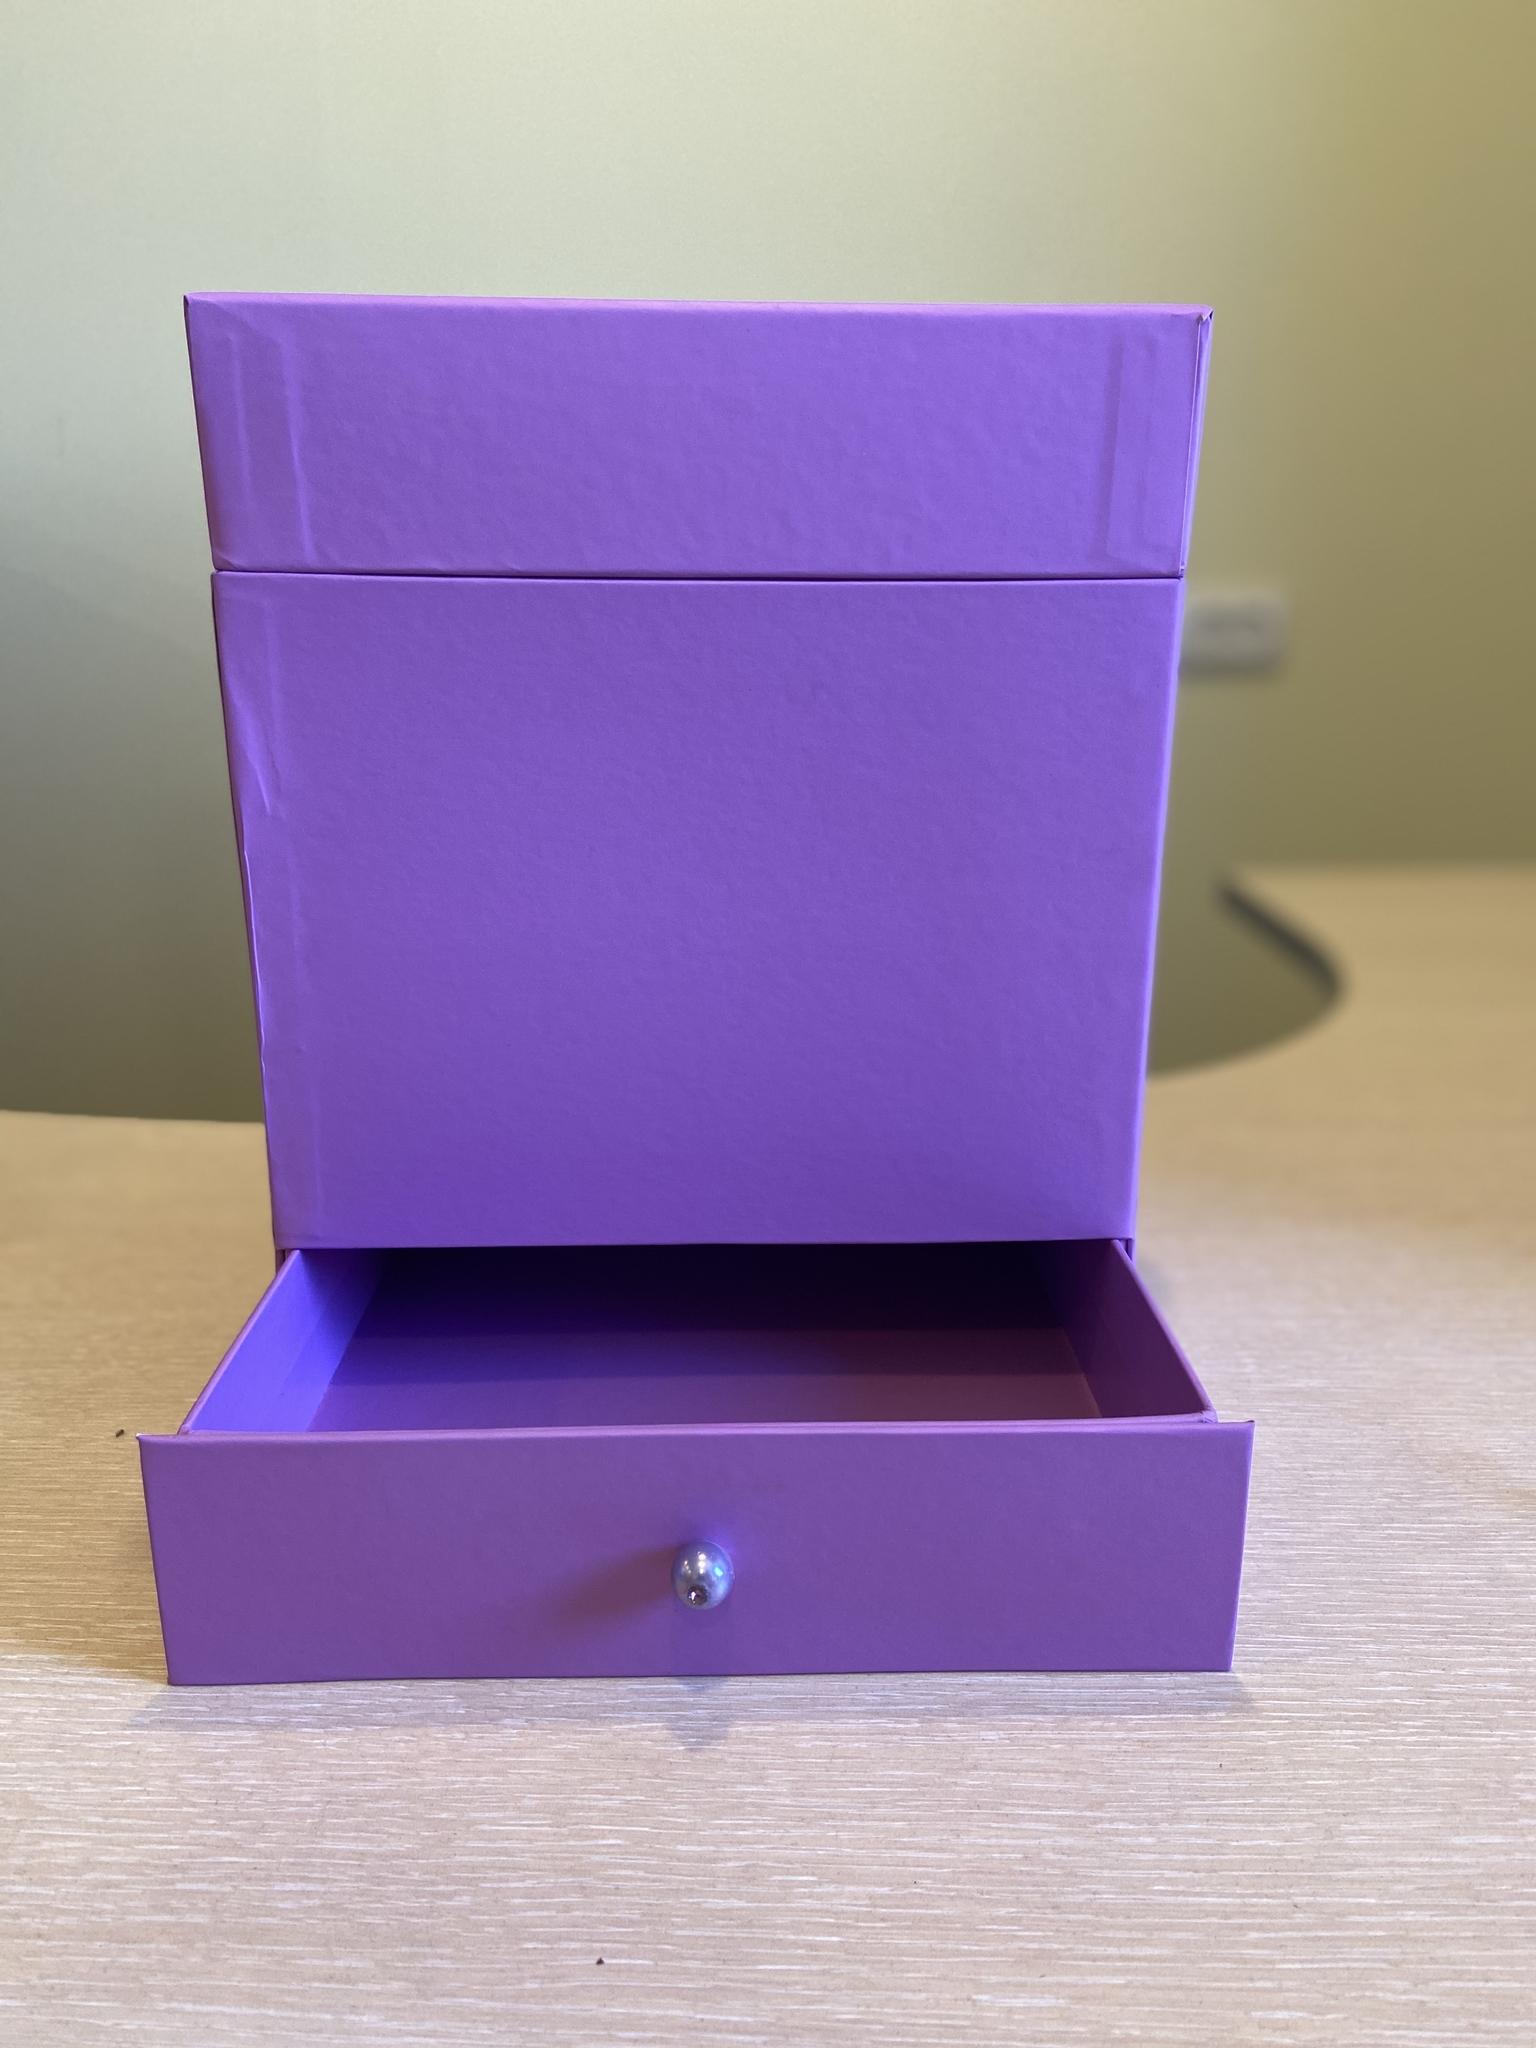 Квадратная коробка с отделением для подарка. Цвет: Лиловый   . В розницу 500 рублей .